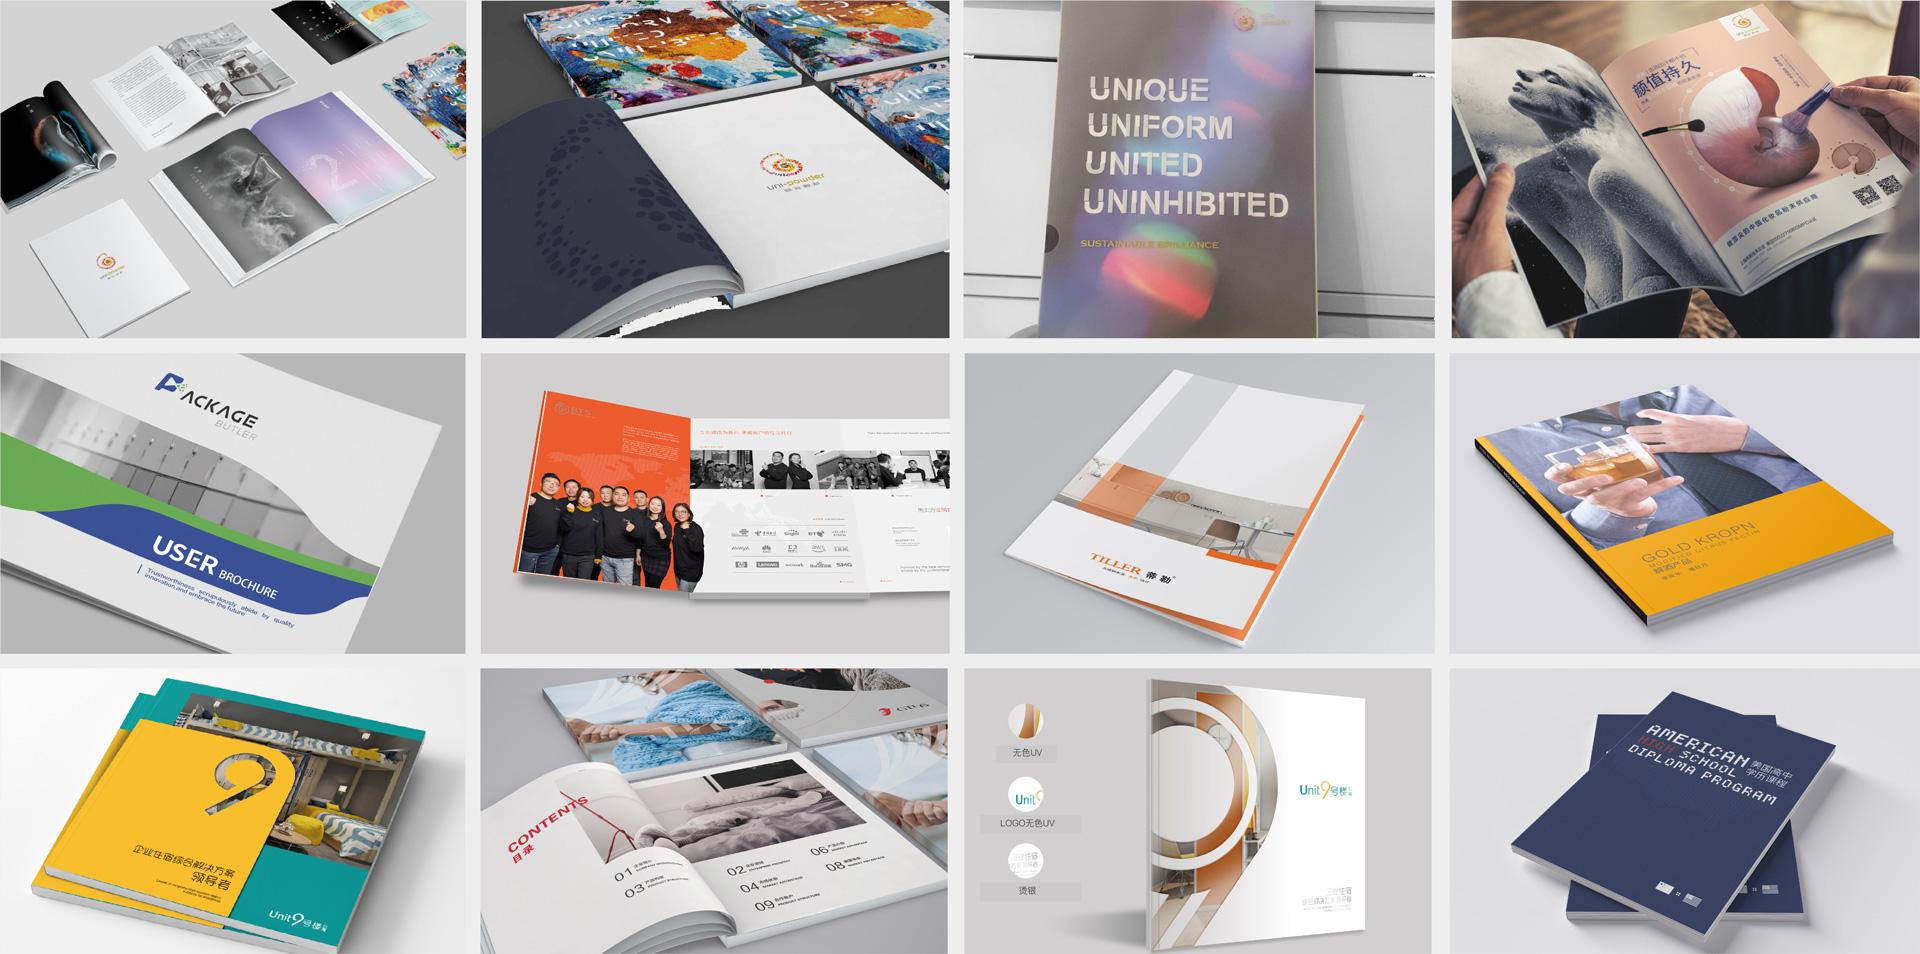 品牌画册设计集合-上海野火创意